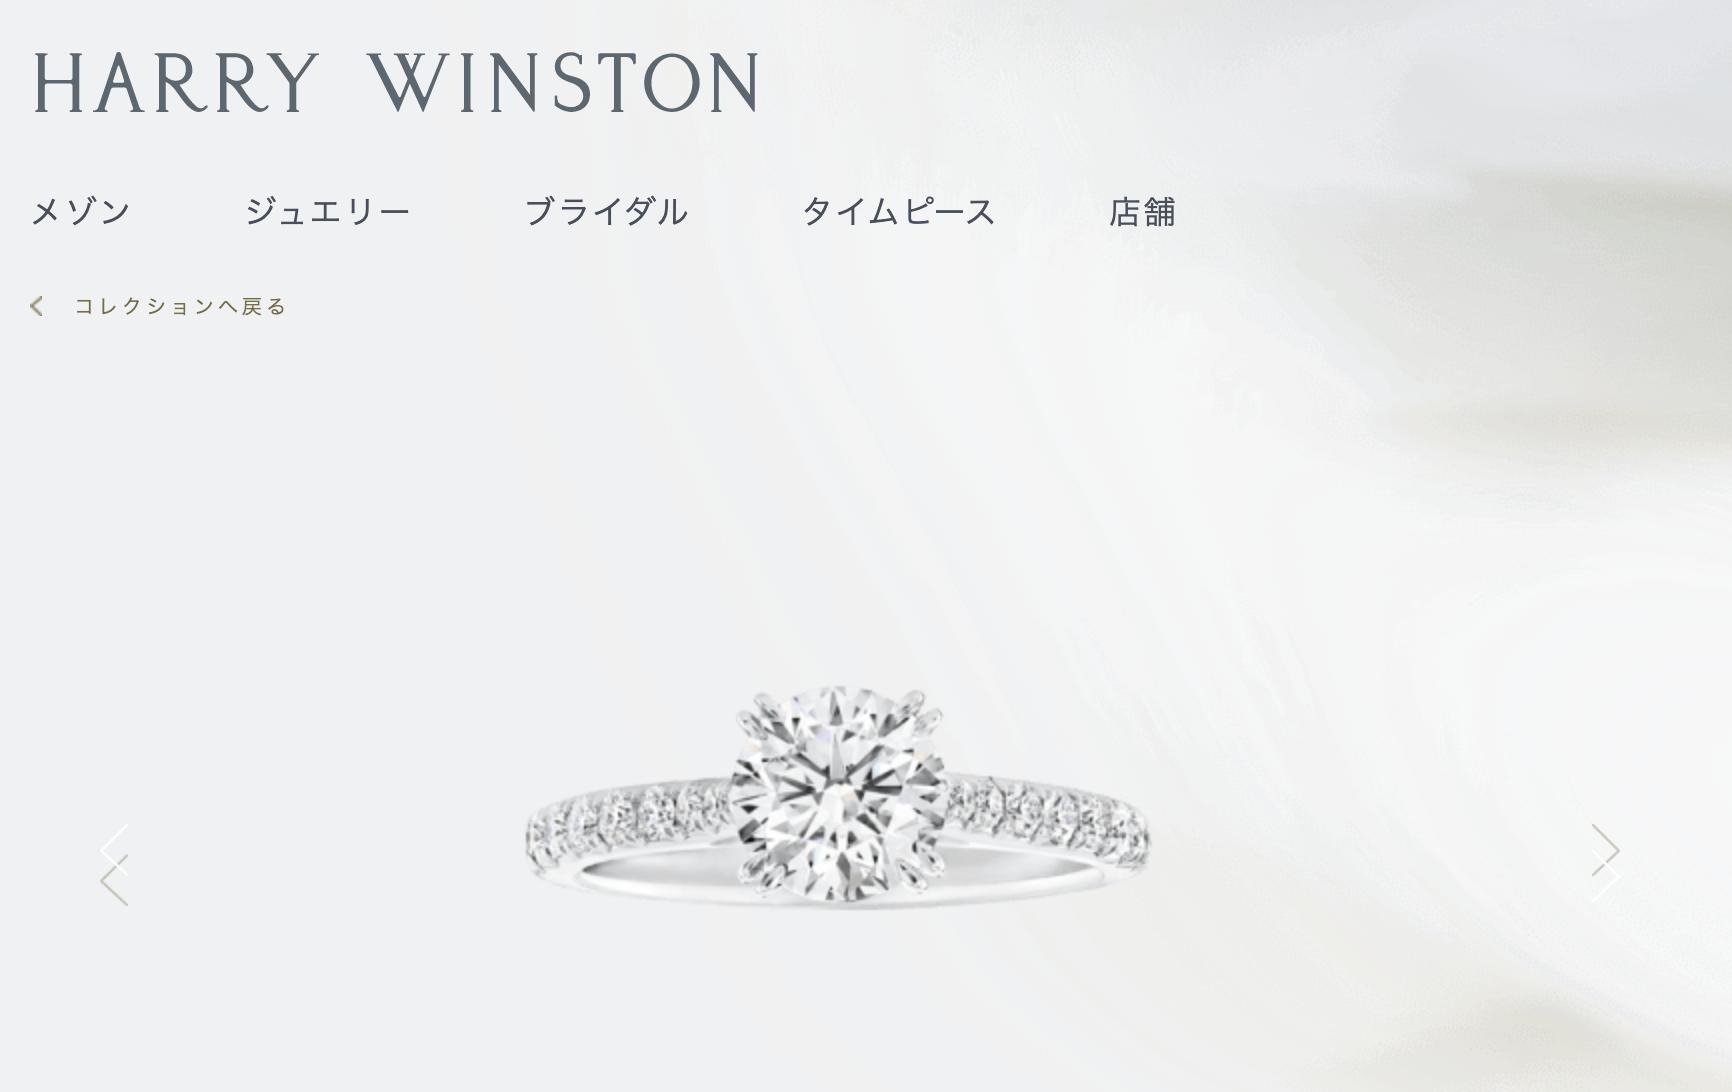 きまぐれクック かねこ 結婚指輪